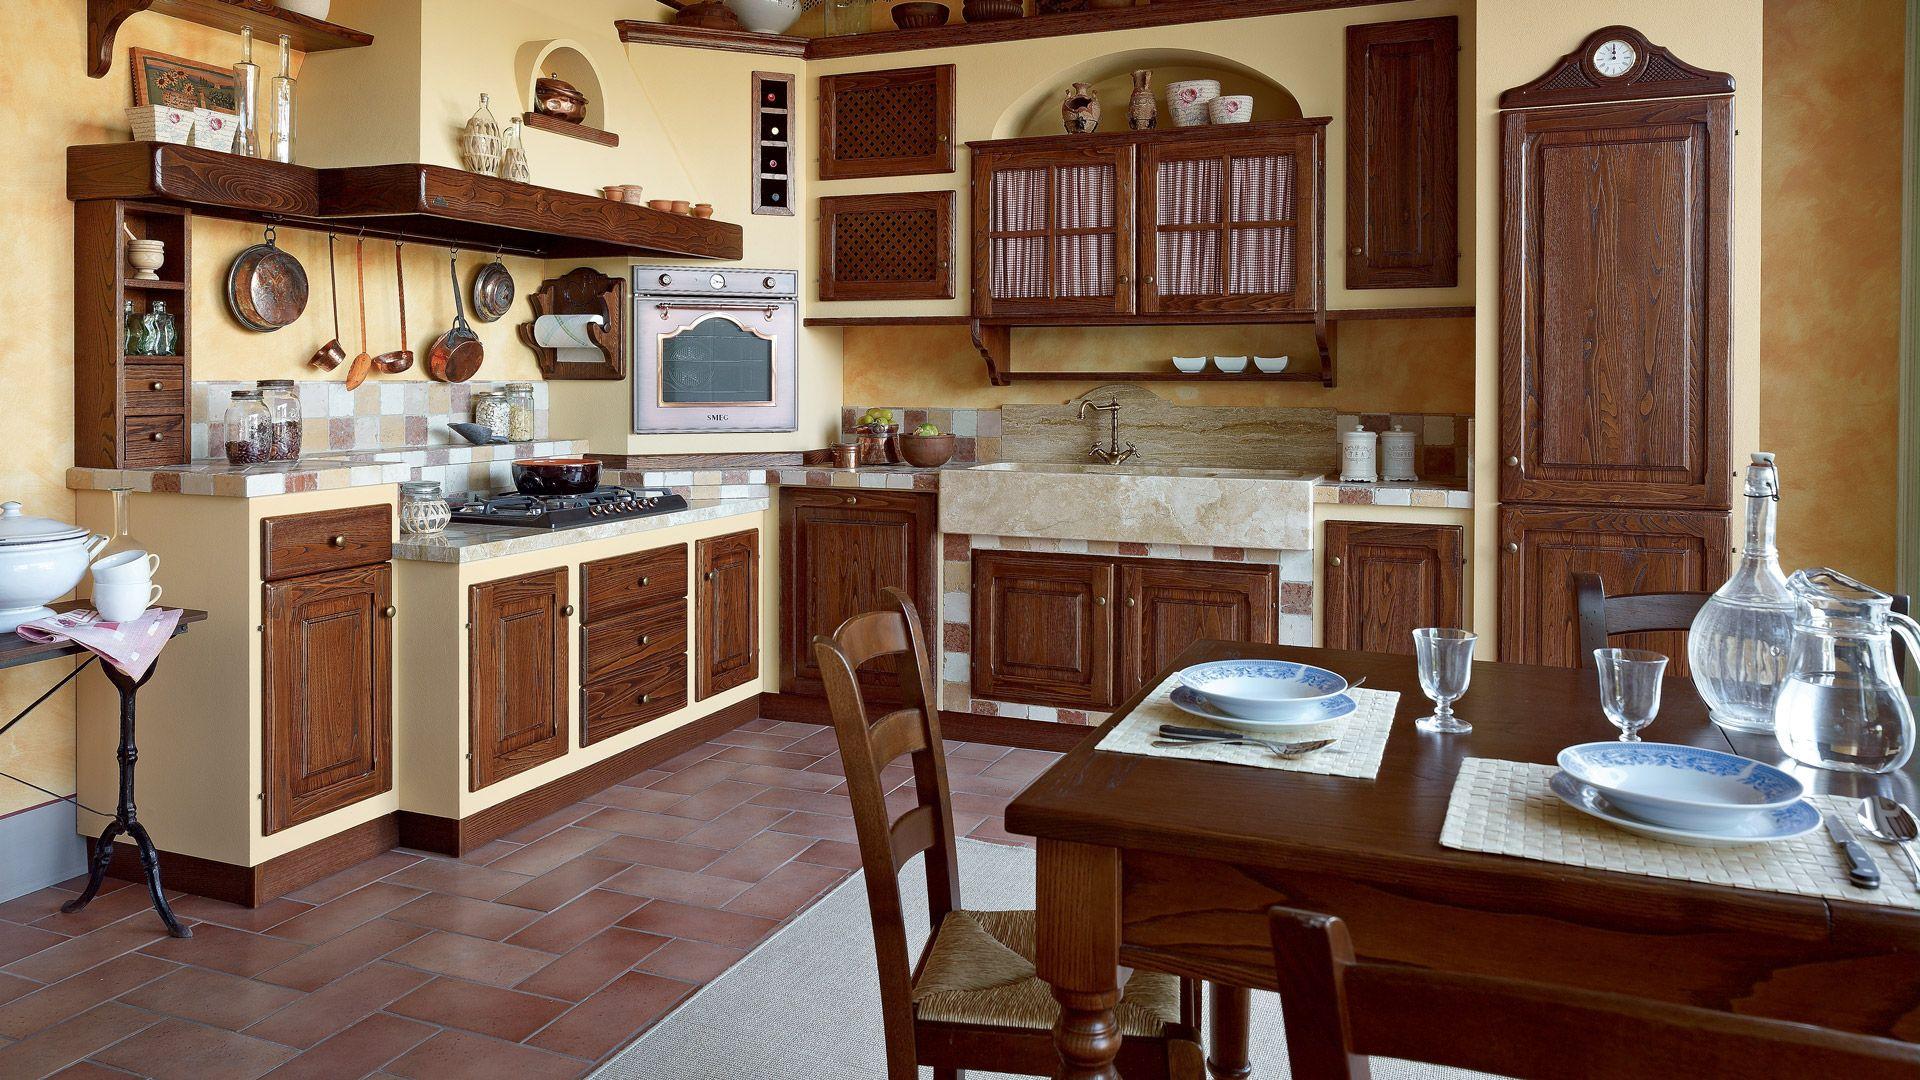 Venite a riscoprire la qualità delle vere cucine country ...